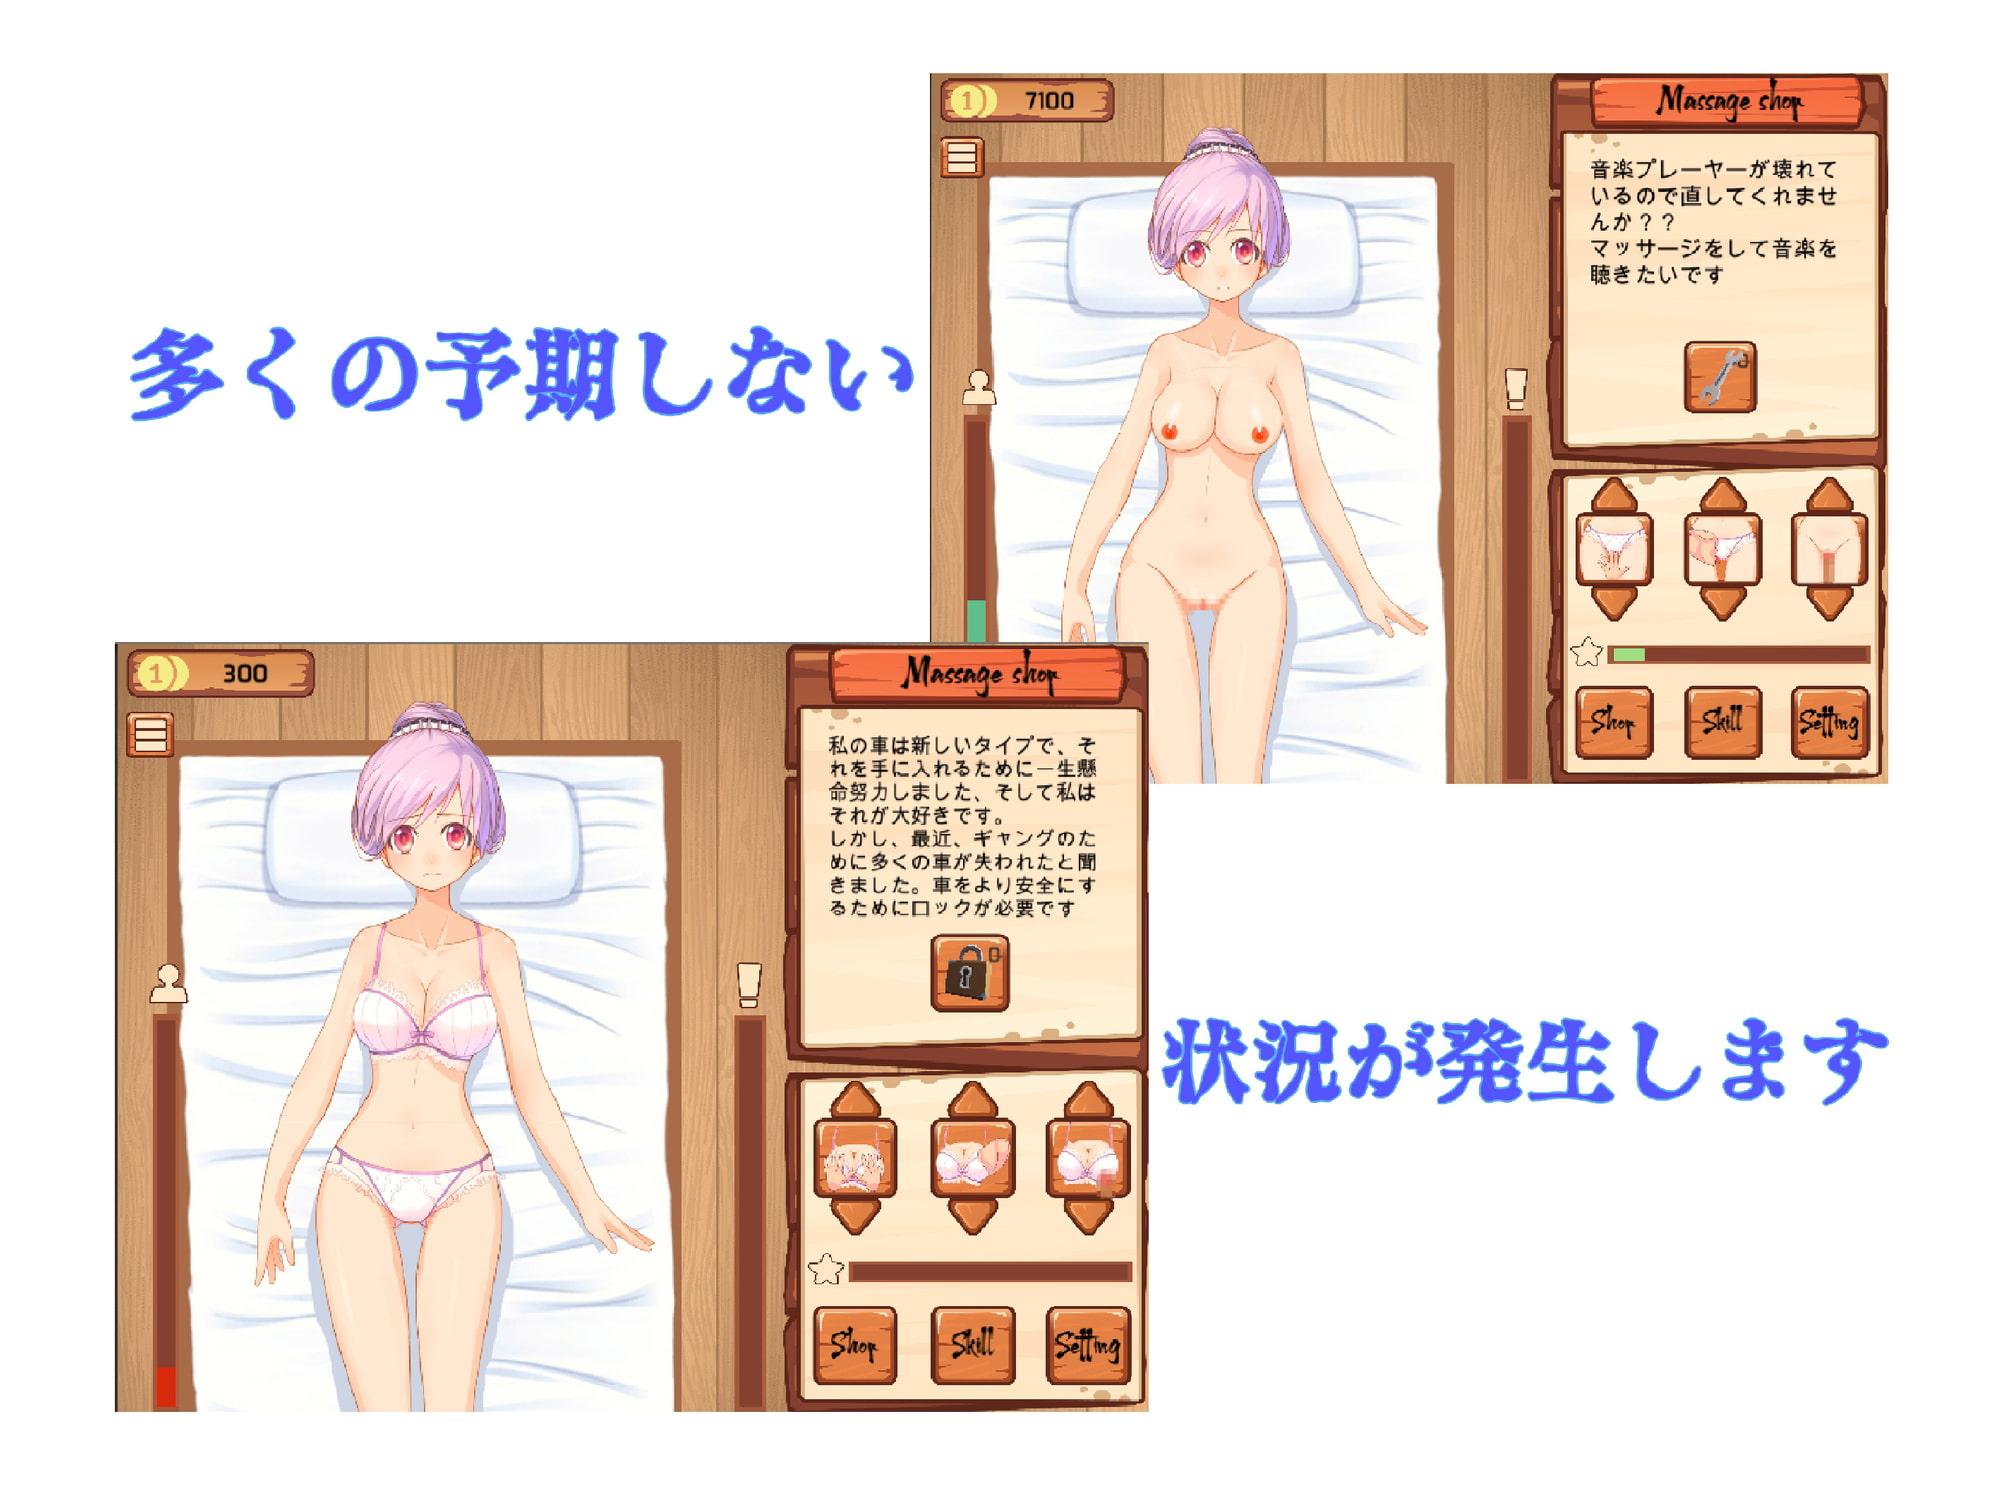 マッサージ 天国 (Ejishi) DLsite提供:同人ゲーム – シミュレーション